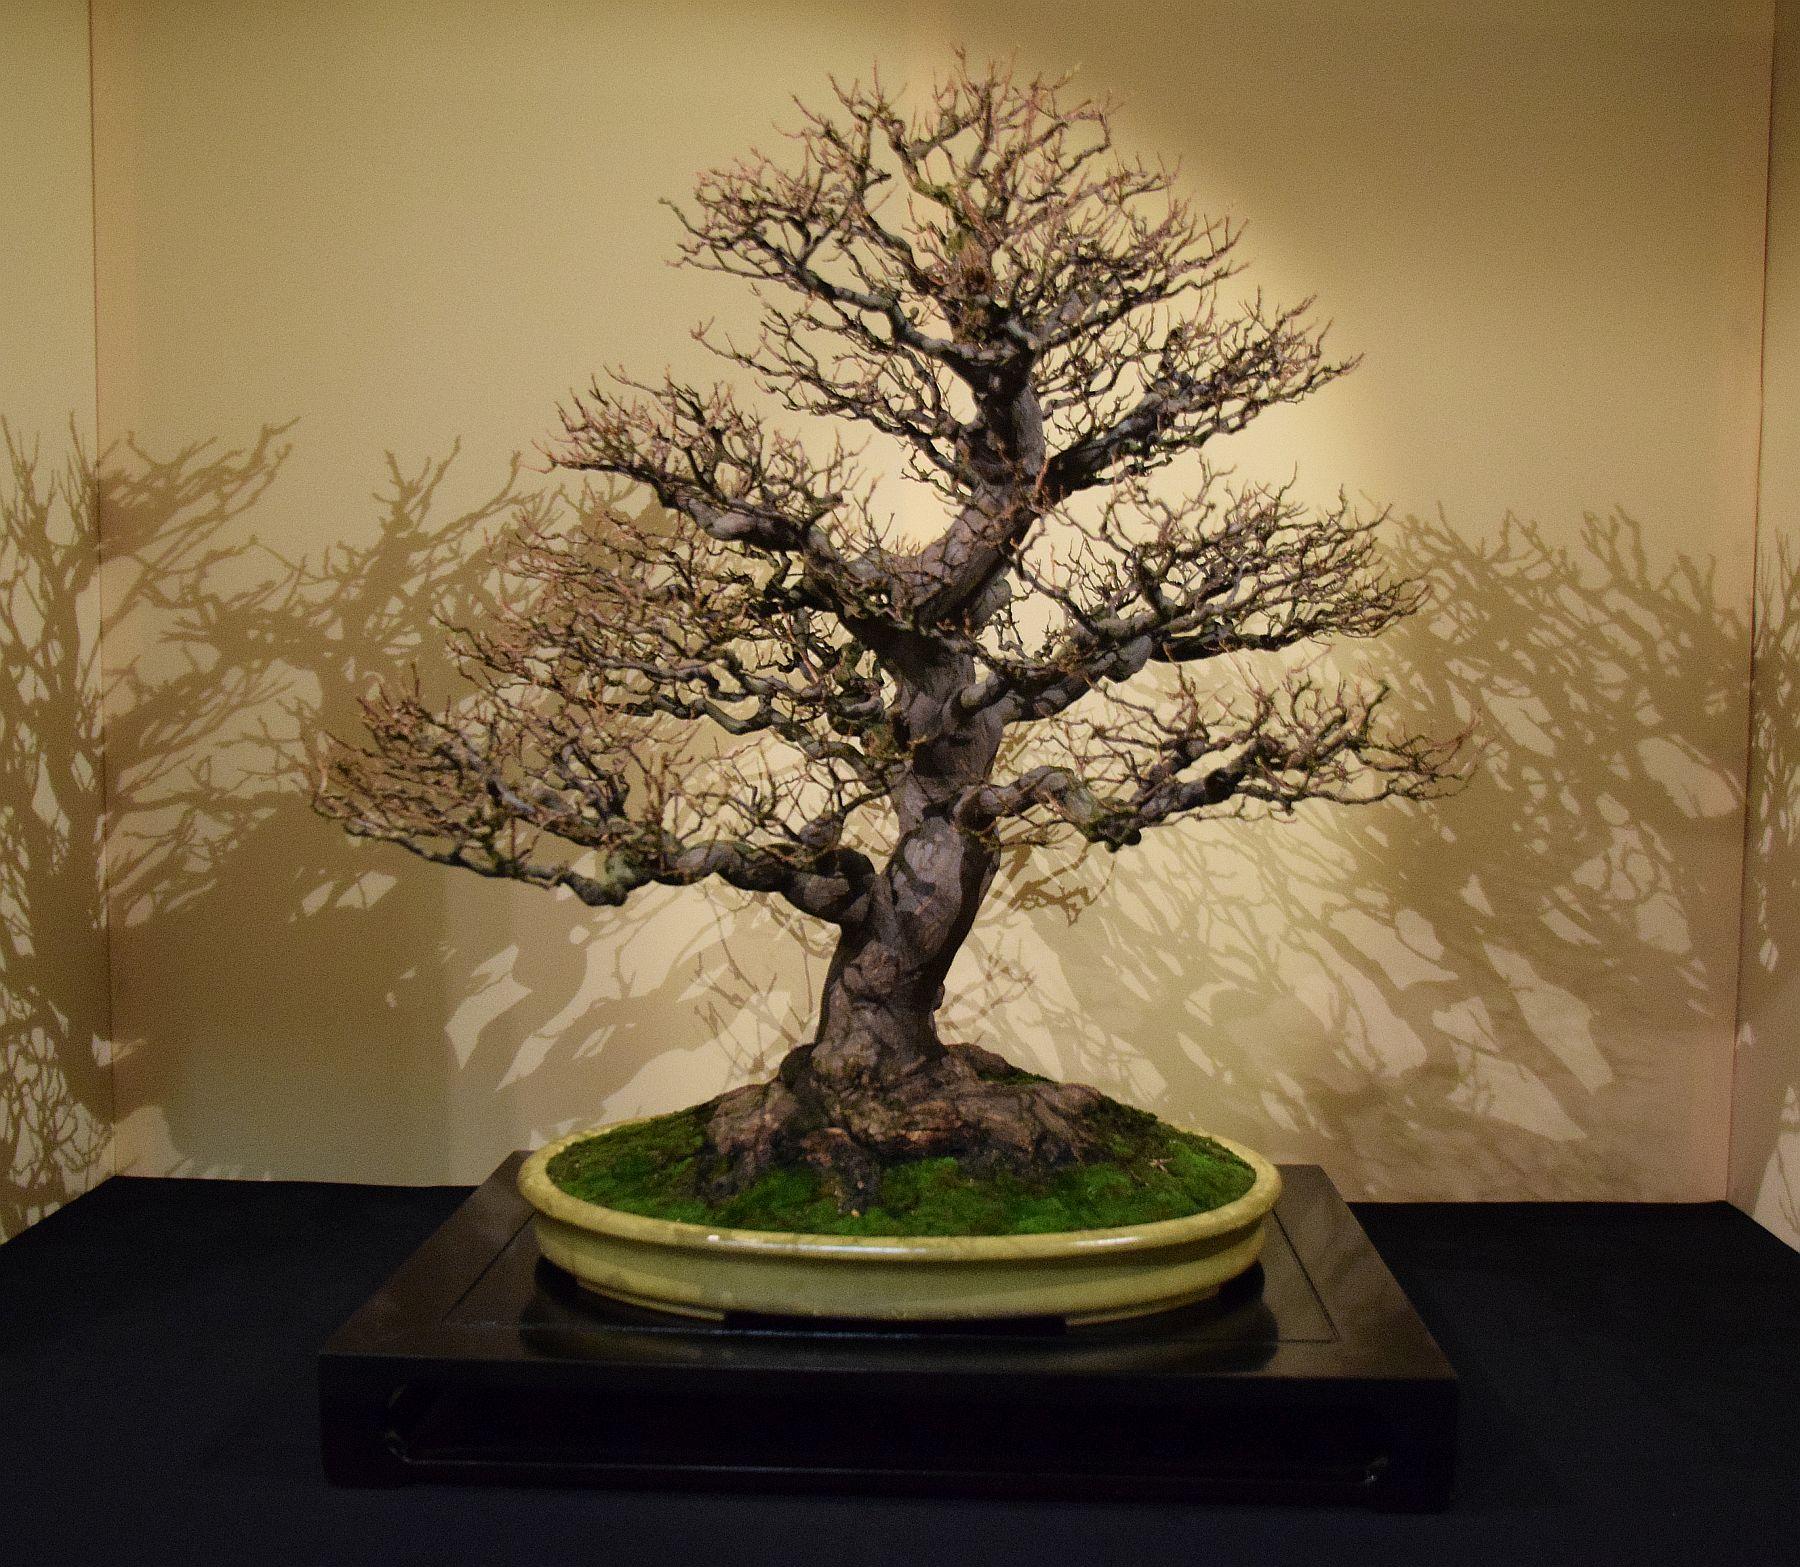 euk-bonsai-ten-2016-jp-polmans-collectie-017